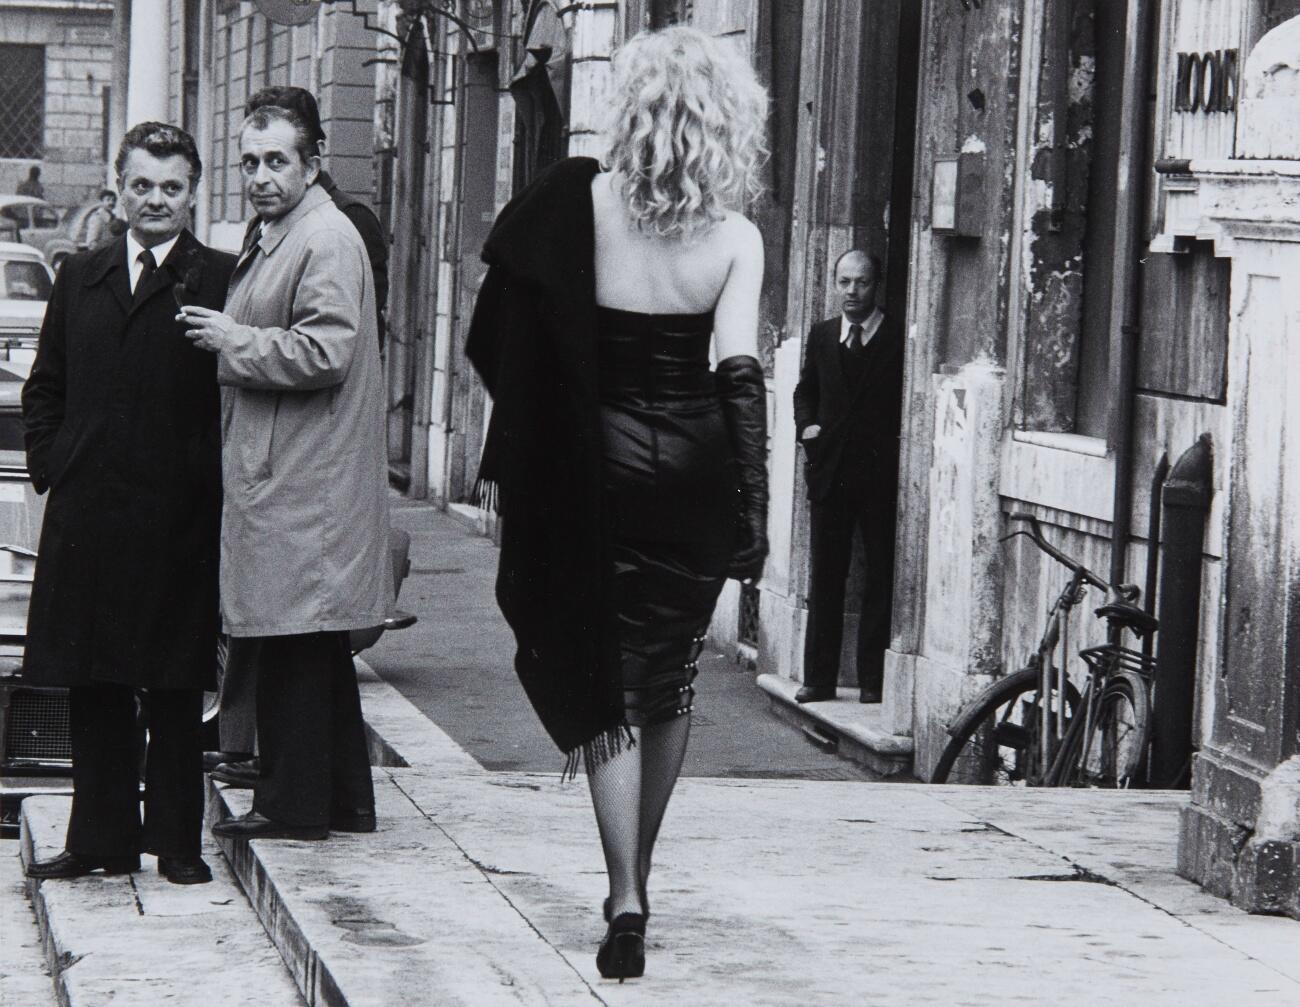 به گفتۀ ورونیک بلان شر وجود دختران جوان پاریسی طی سال های  ۱۹۶۰-١٩۵٠ مملو از شور زندگی برغم ناملایمات بود.